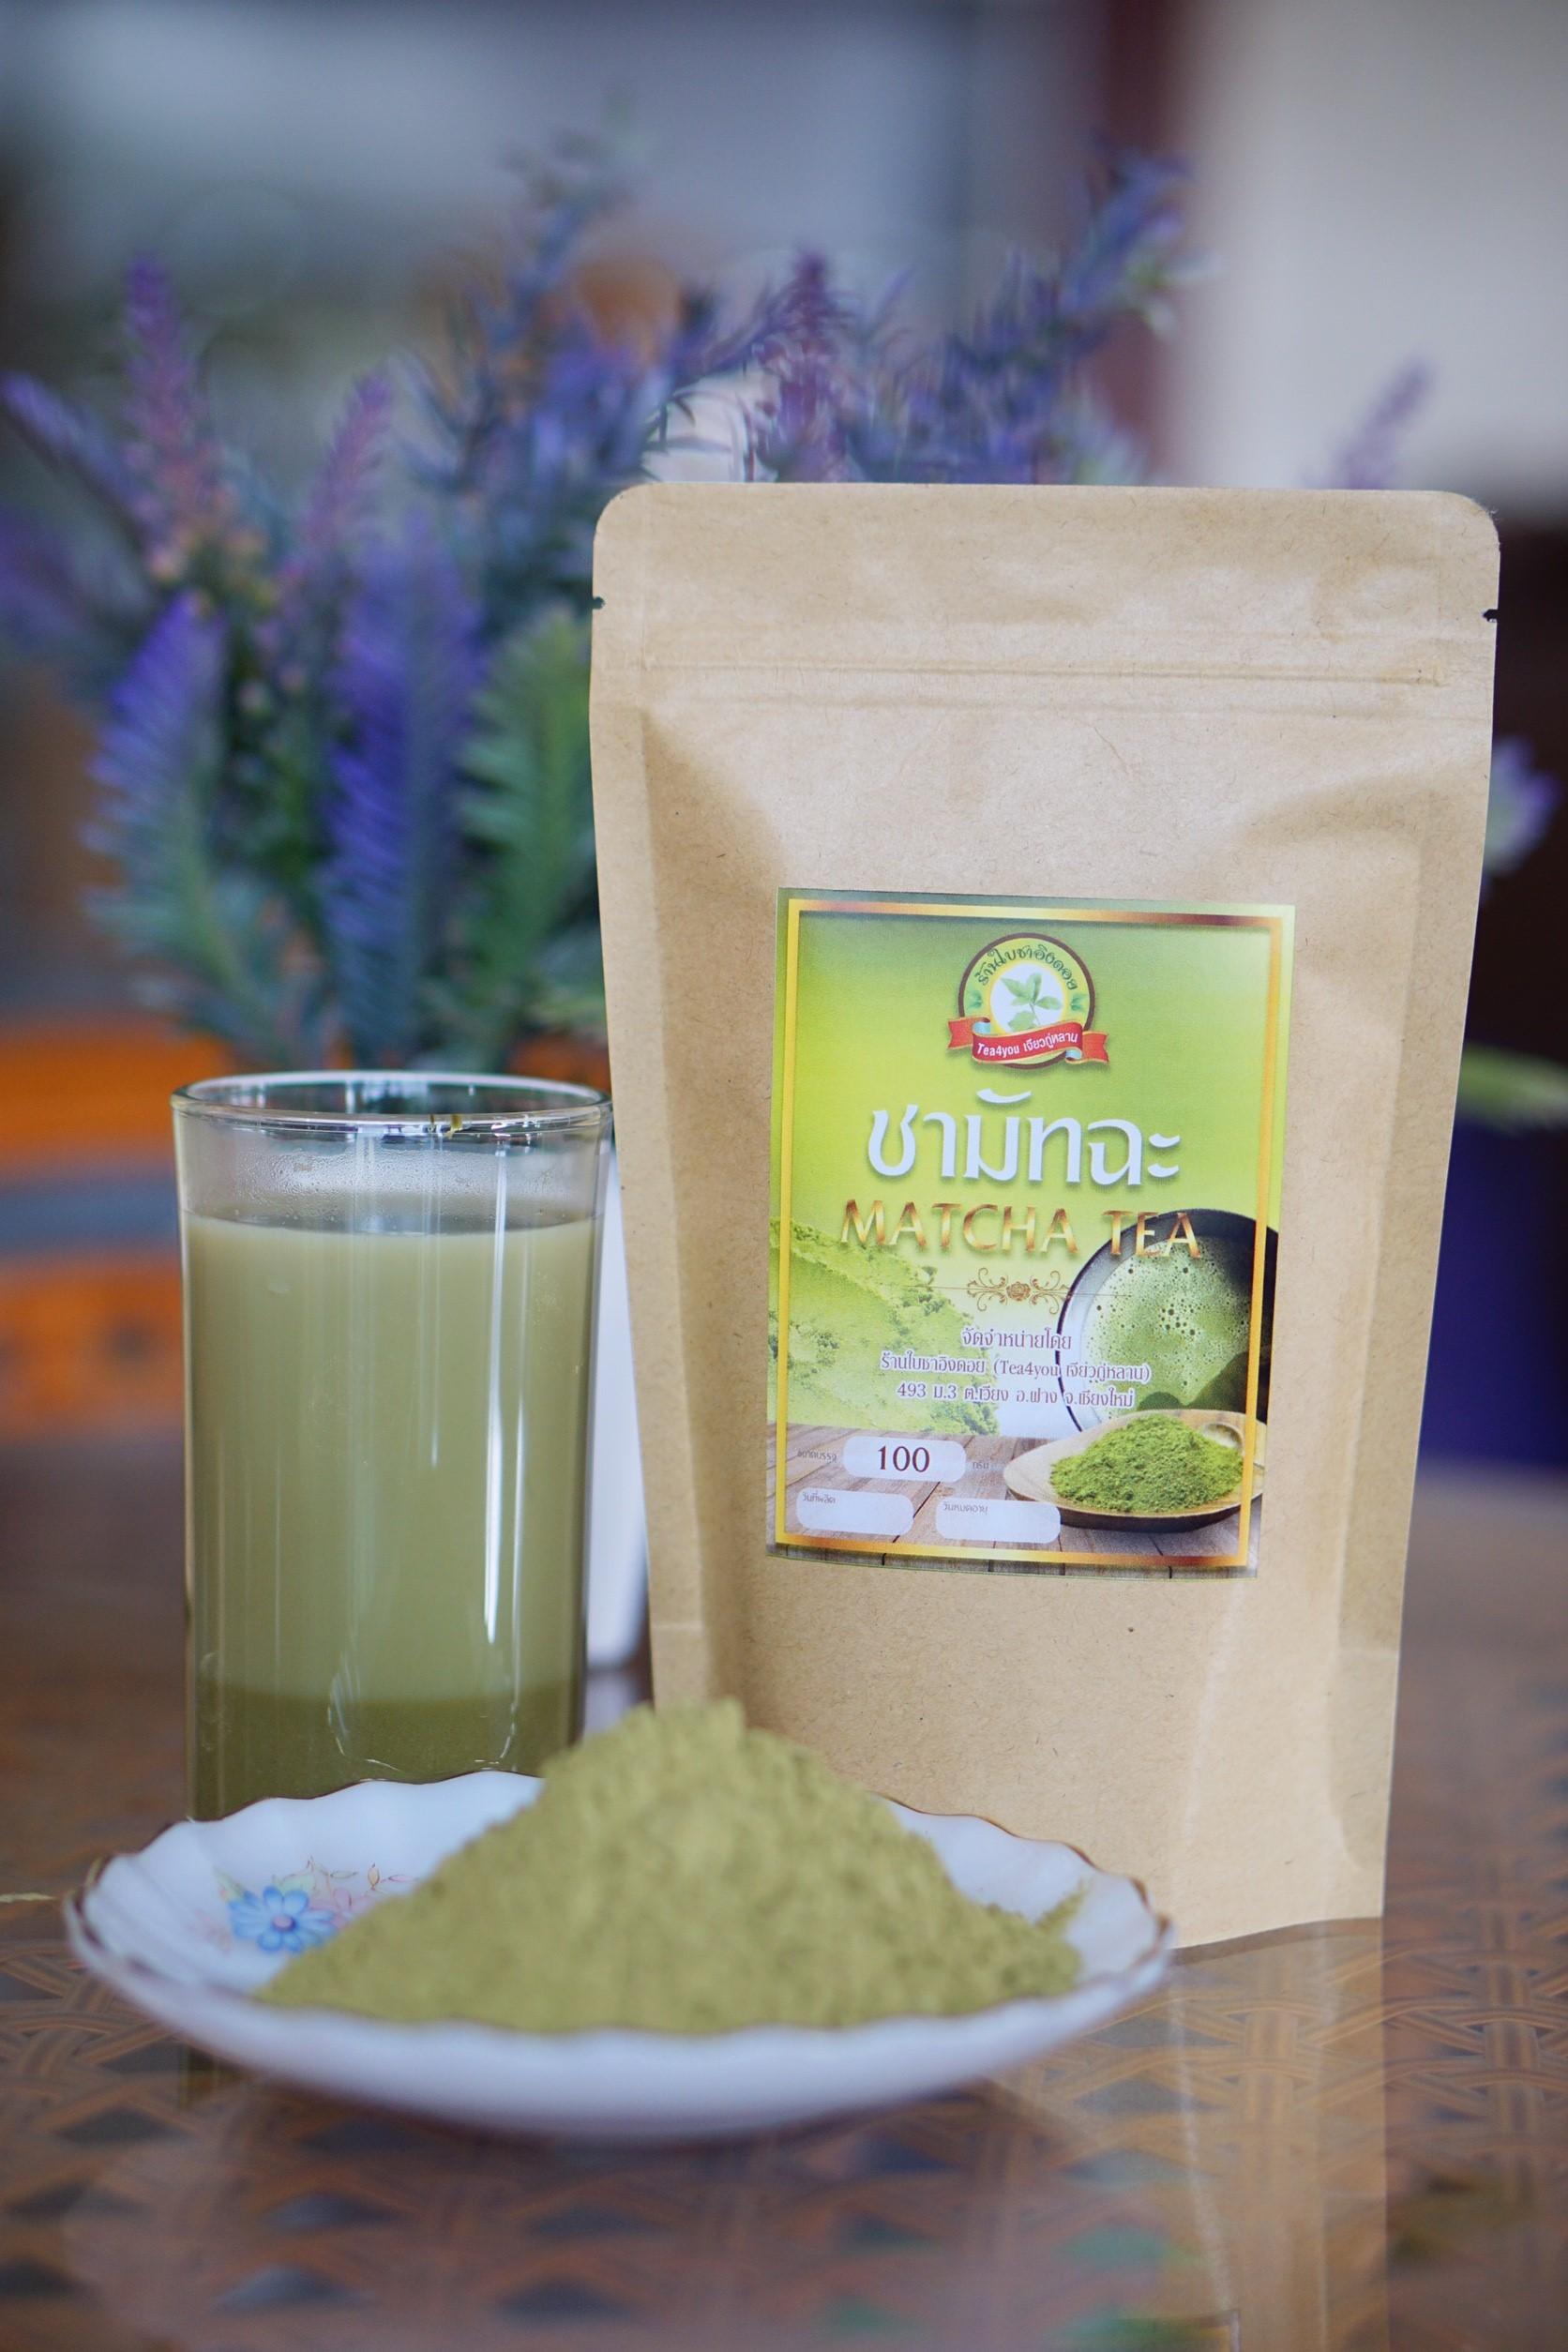 ชาอู่หลงมัทฉะ (ชาเขียวมัทฉะ) อย่างดีของแท้ 100% ขนาด 100 กรัม ผงมัทฉะจากชาอู่หลงมีสีเขียวอ่อนและกลิ่นหอมเหมาะสำหรับการนำมาผสมเครื่องดื่ม หรือทำขนมต่าง ๆ